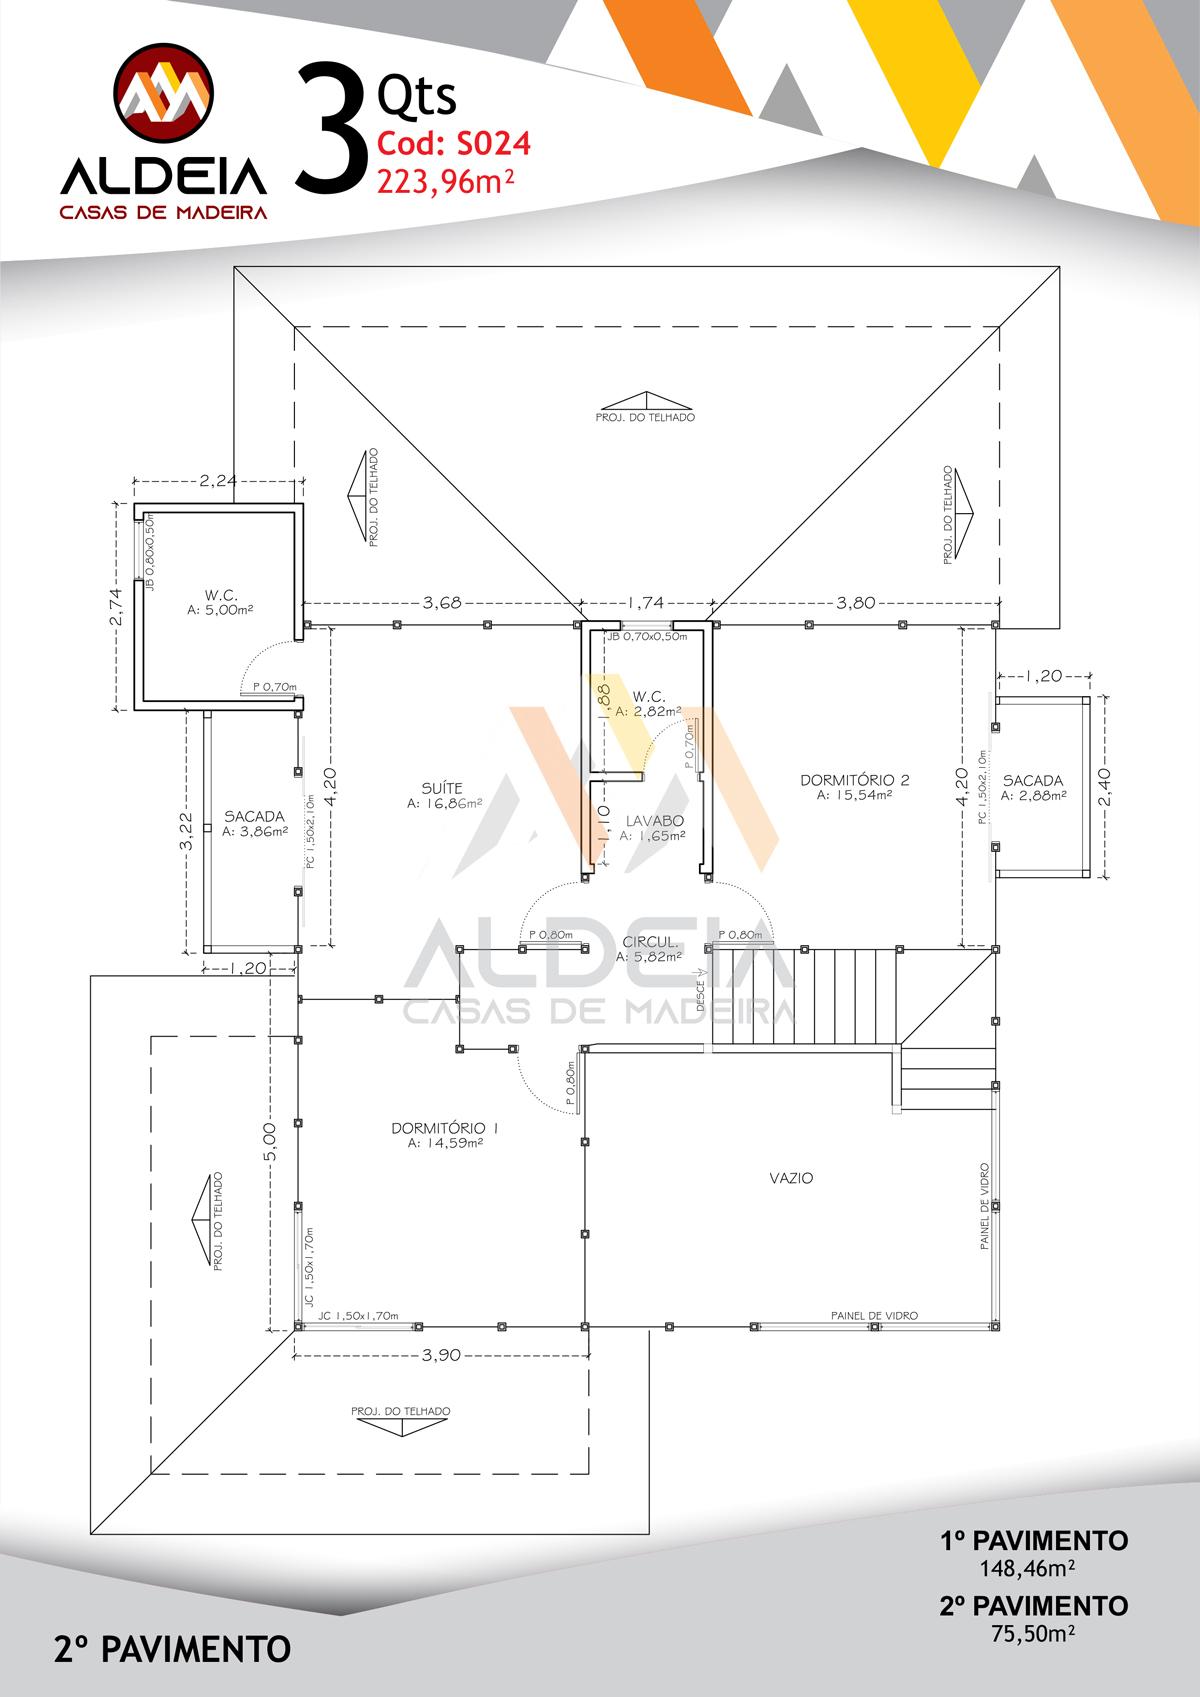 aldeia-casas-madeira-arquitetura-S024-2